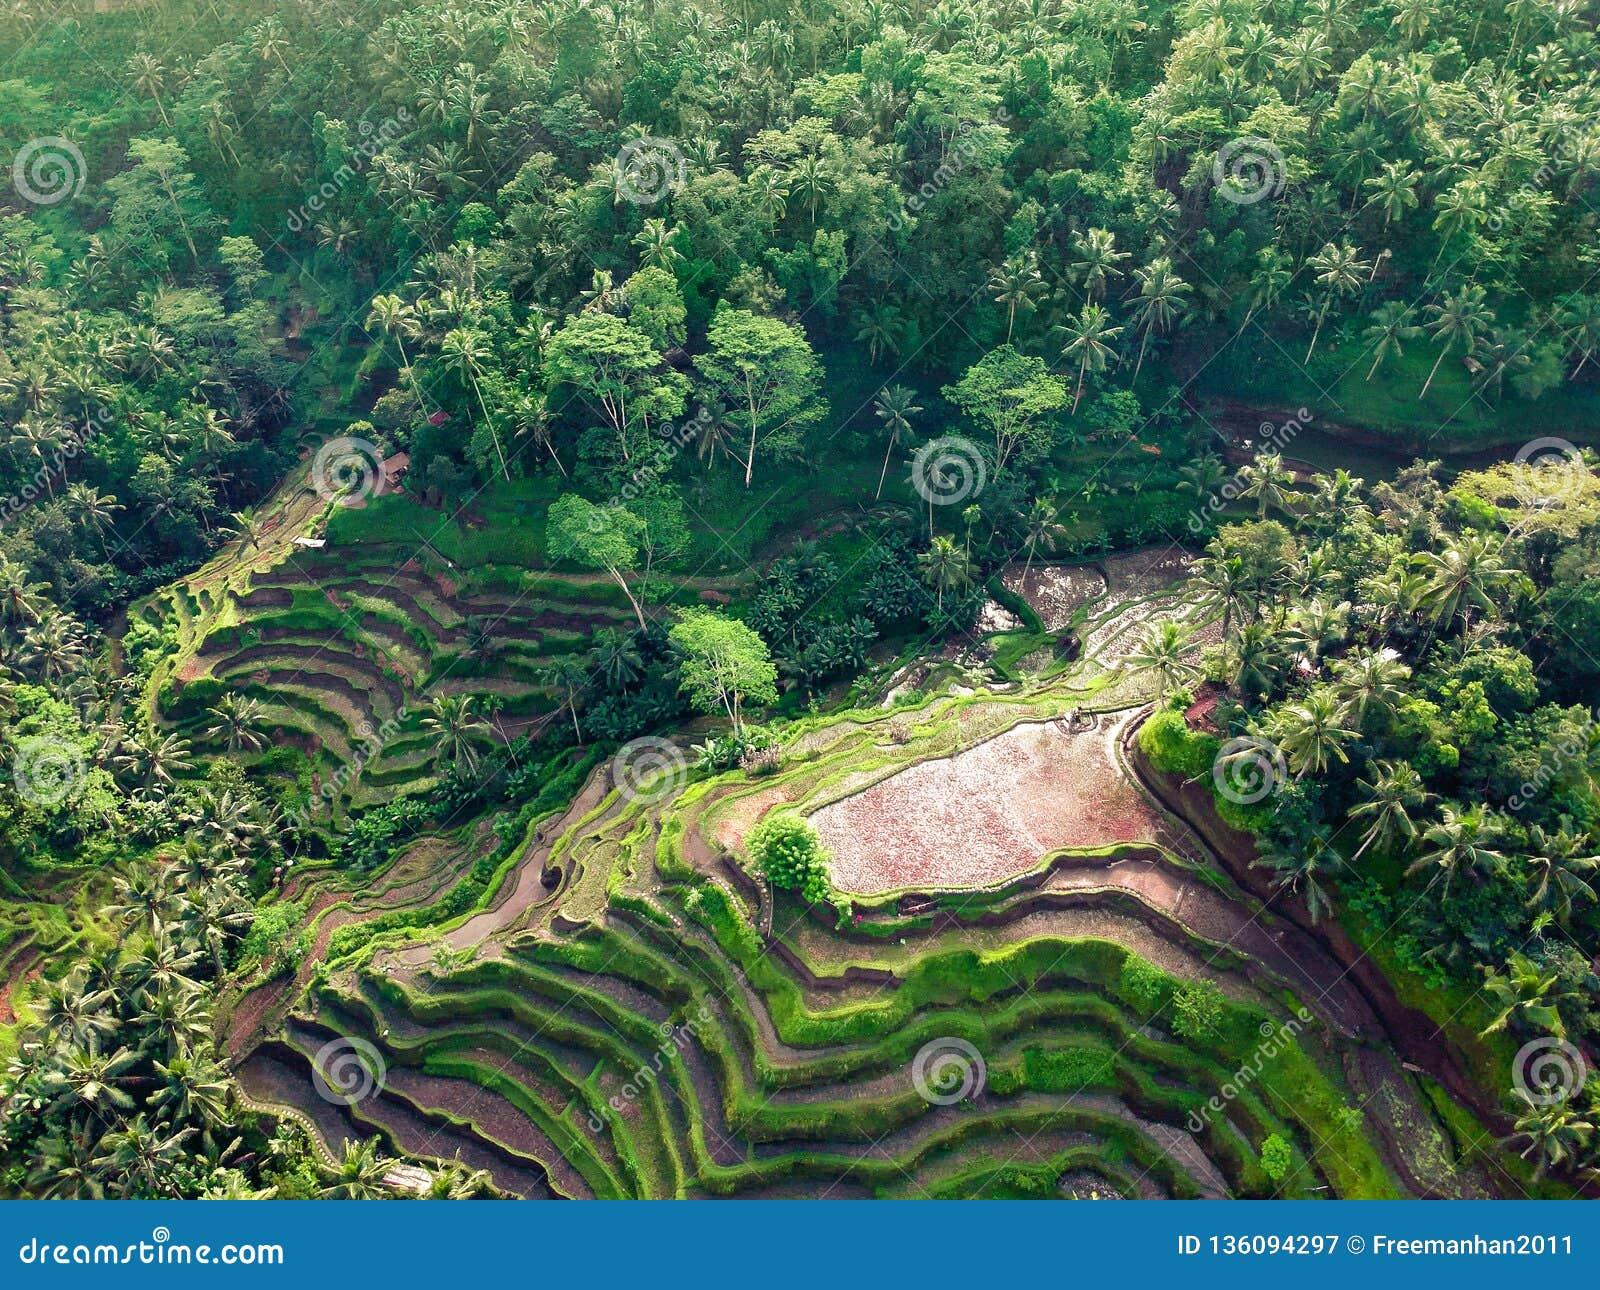 Mooie meningen van rijstterrassen op de achtergrond van de wildernis